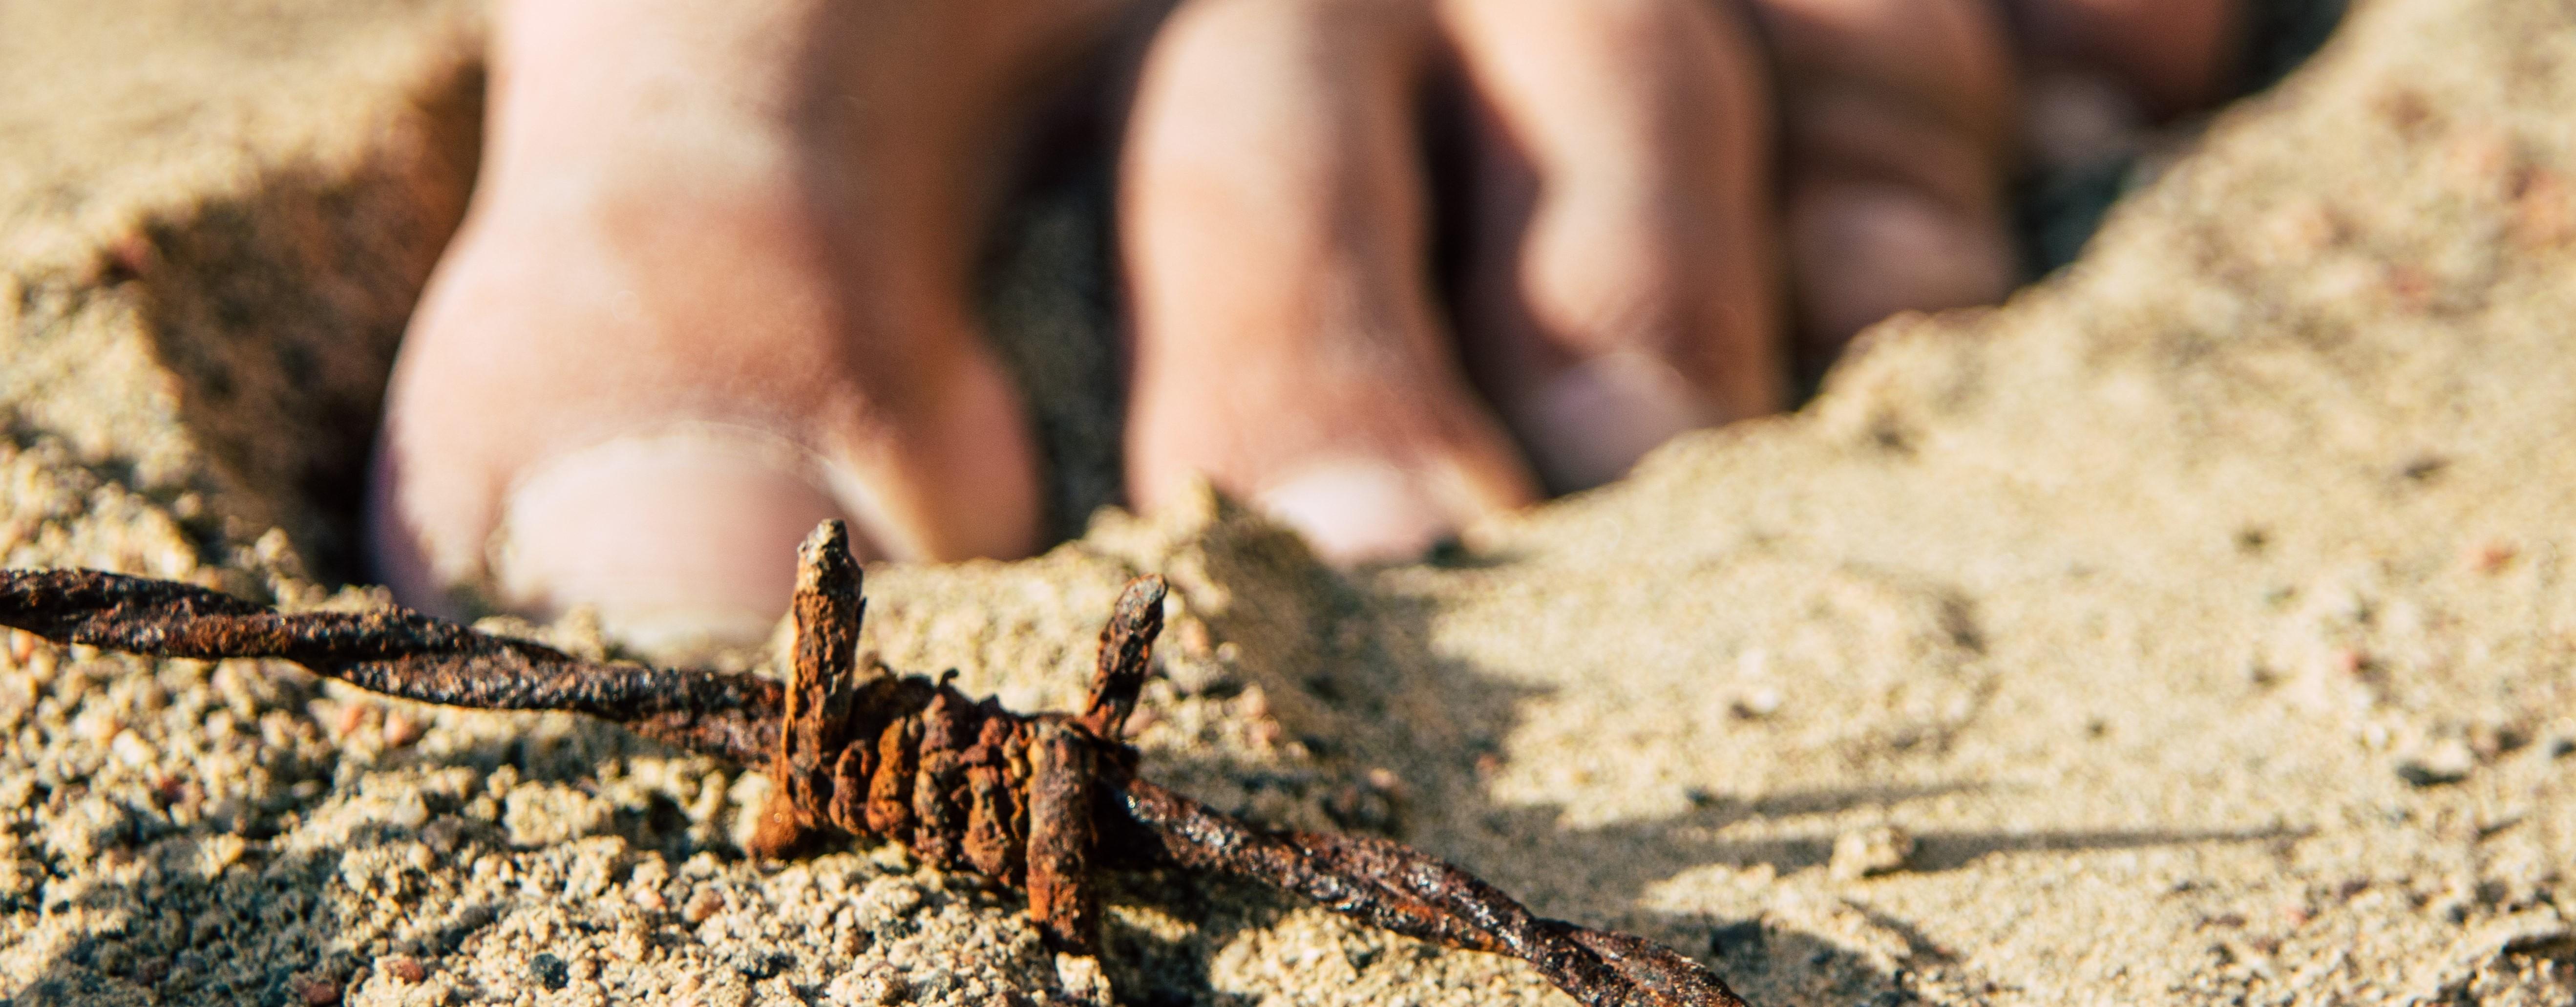 Der Riskante Schritt, Stacheldraht im Sand, barfuß